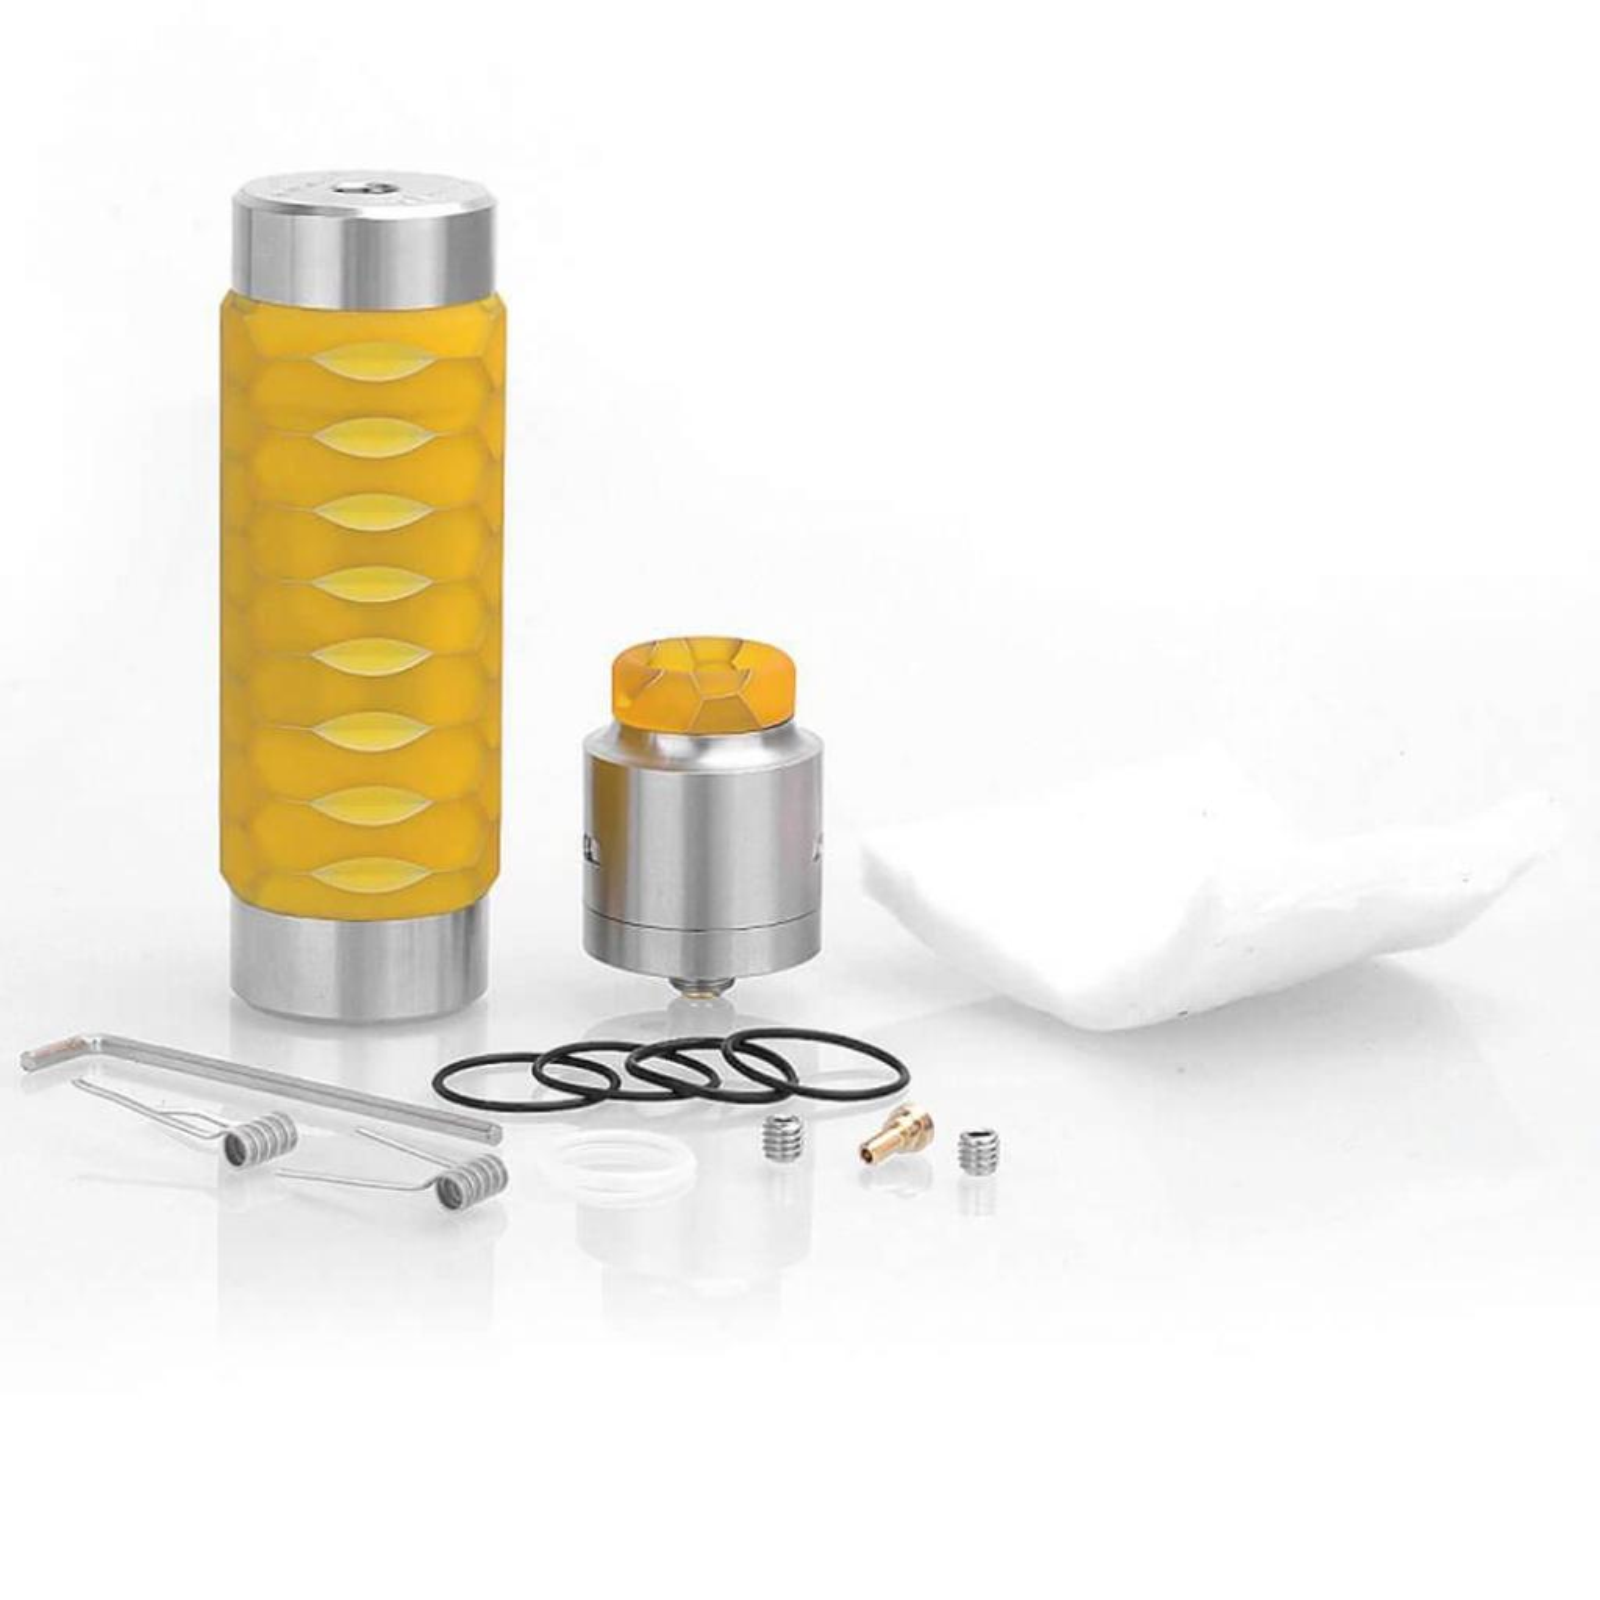 Стартовый набор Wismec Machina RDA Kit Honeycomb Resin (WSMCHY) изображение 6